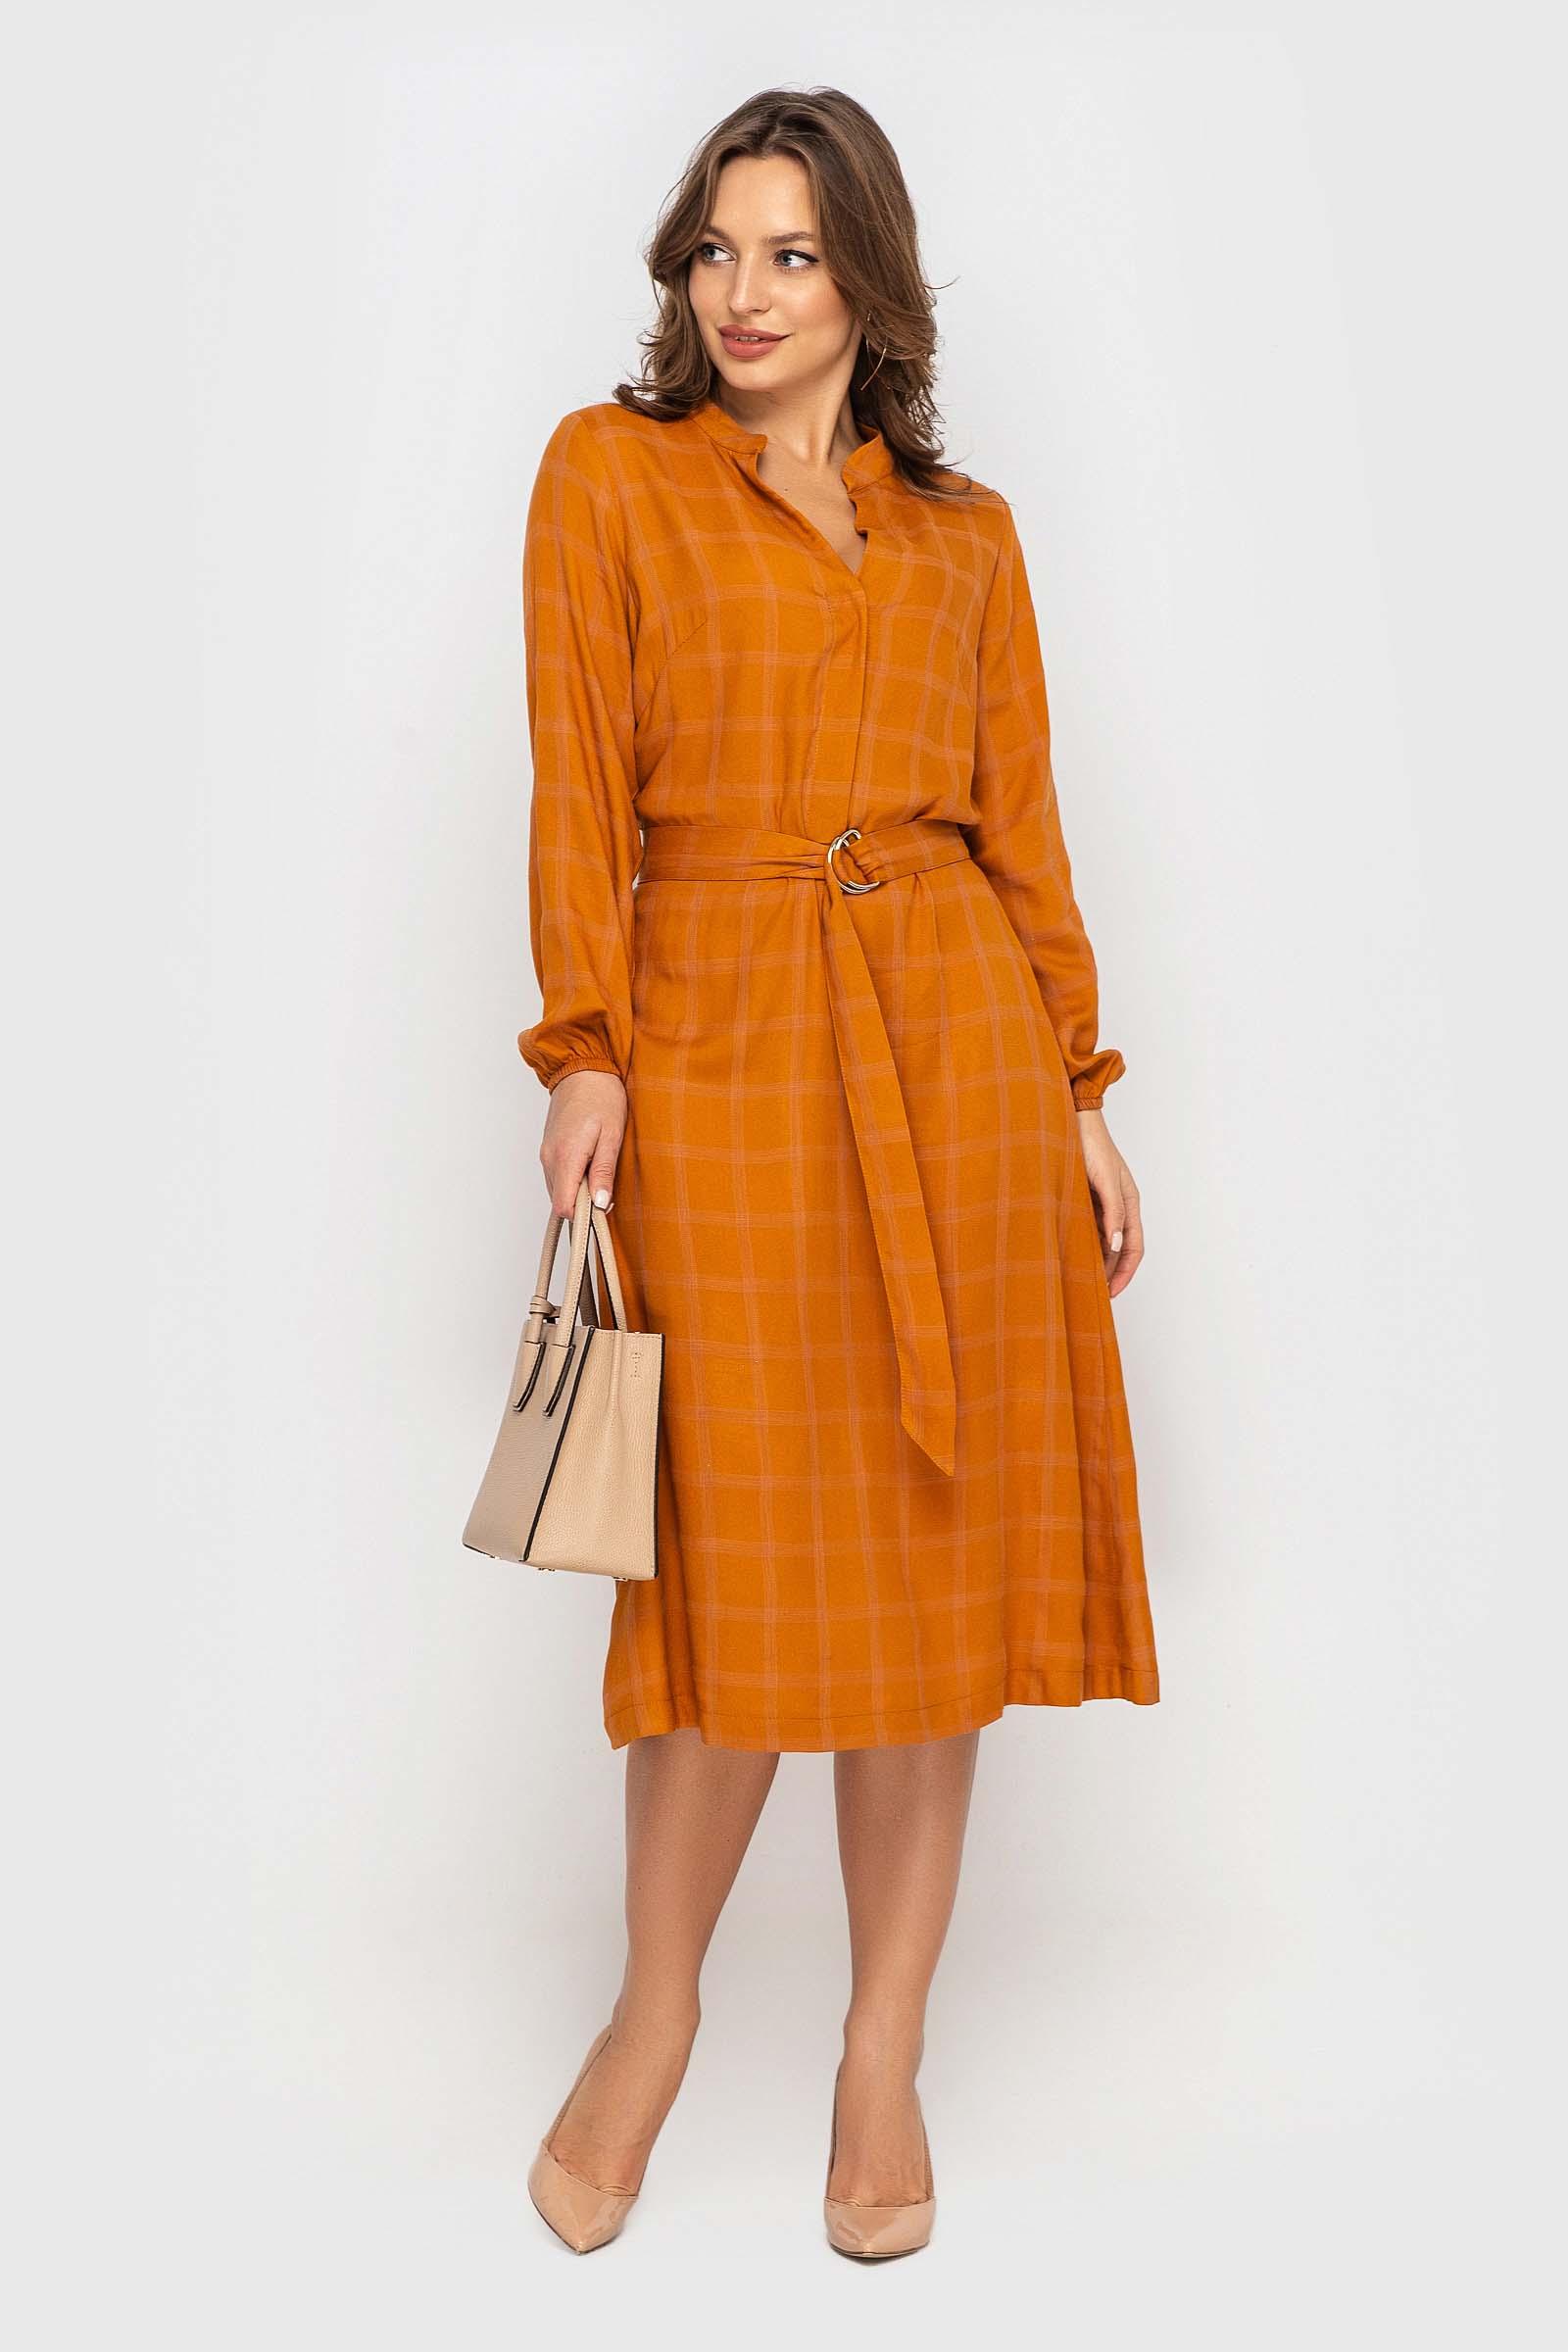 2019 12 21322958 Купить платье